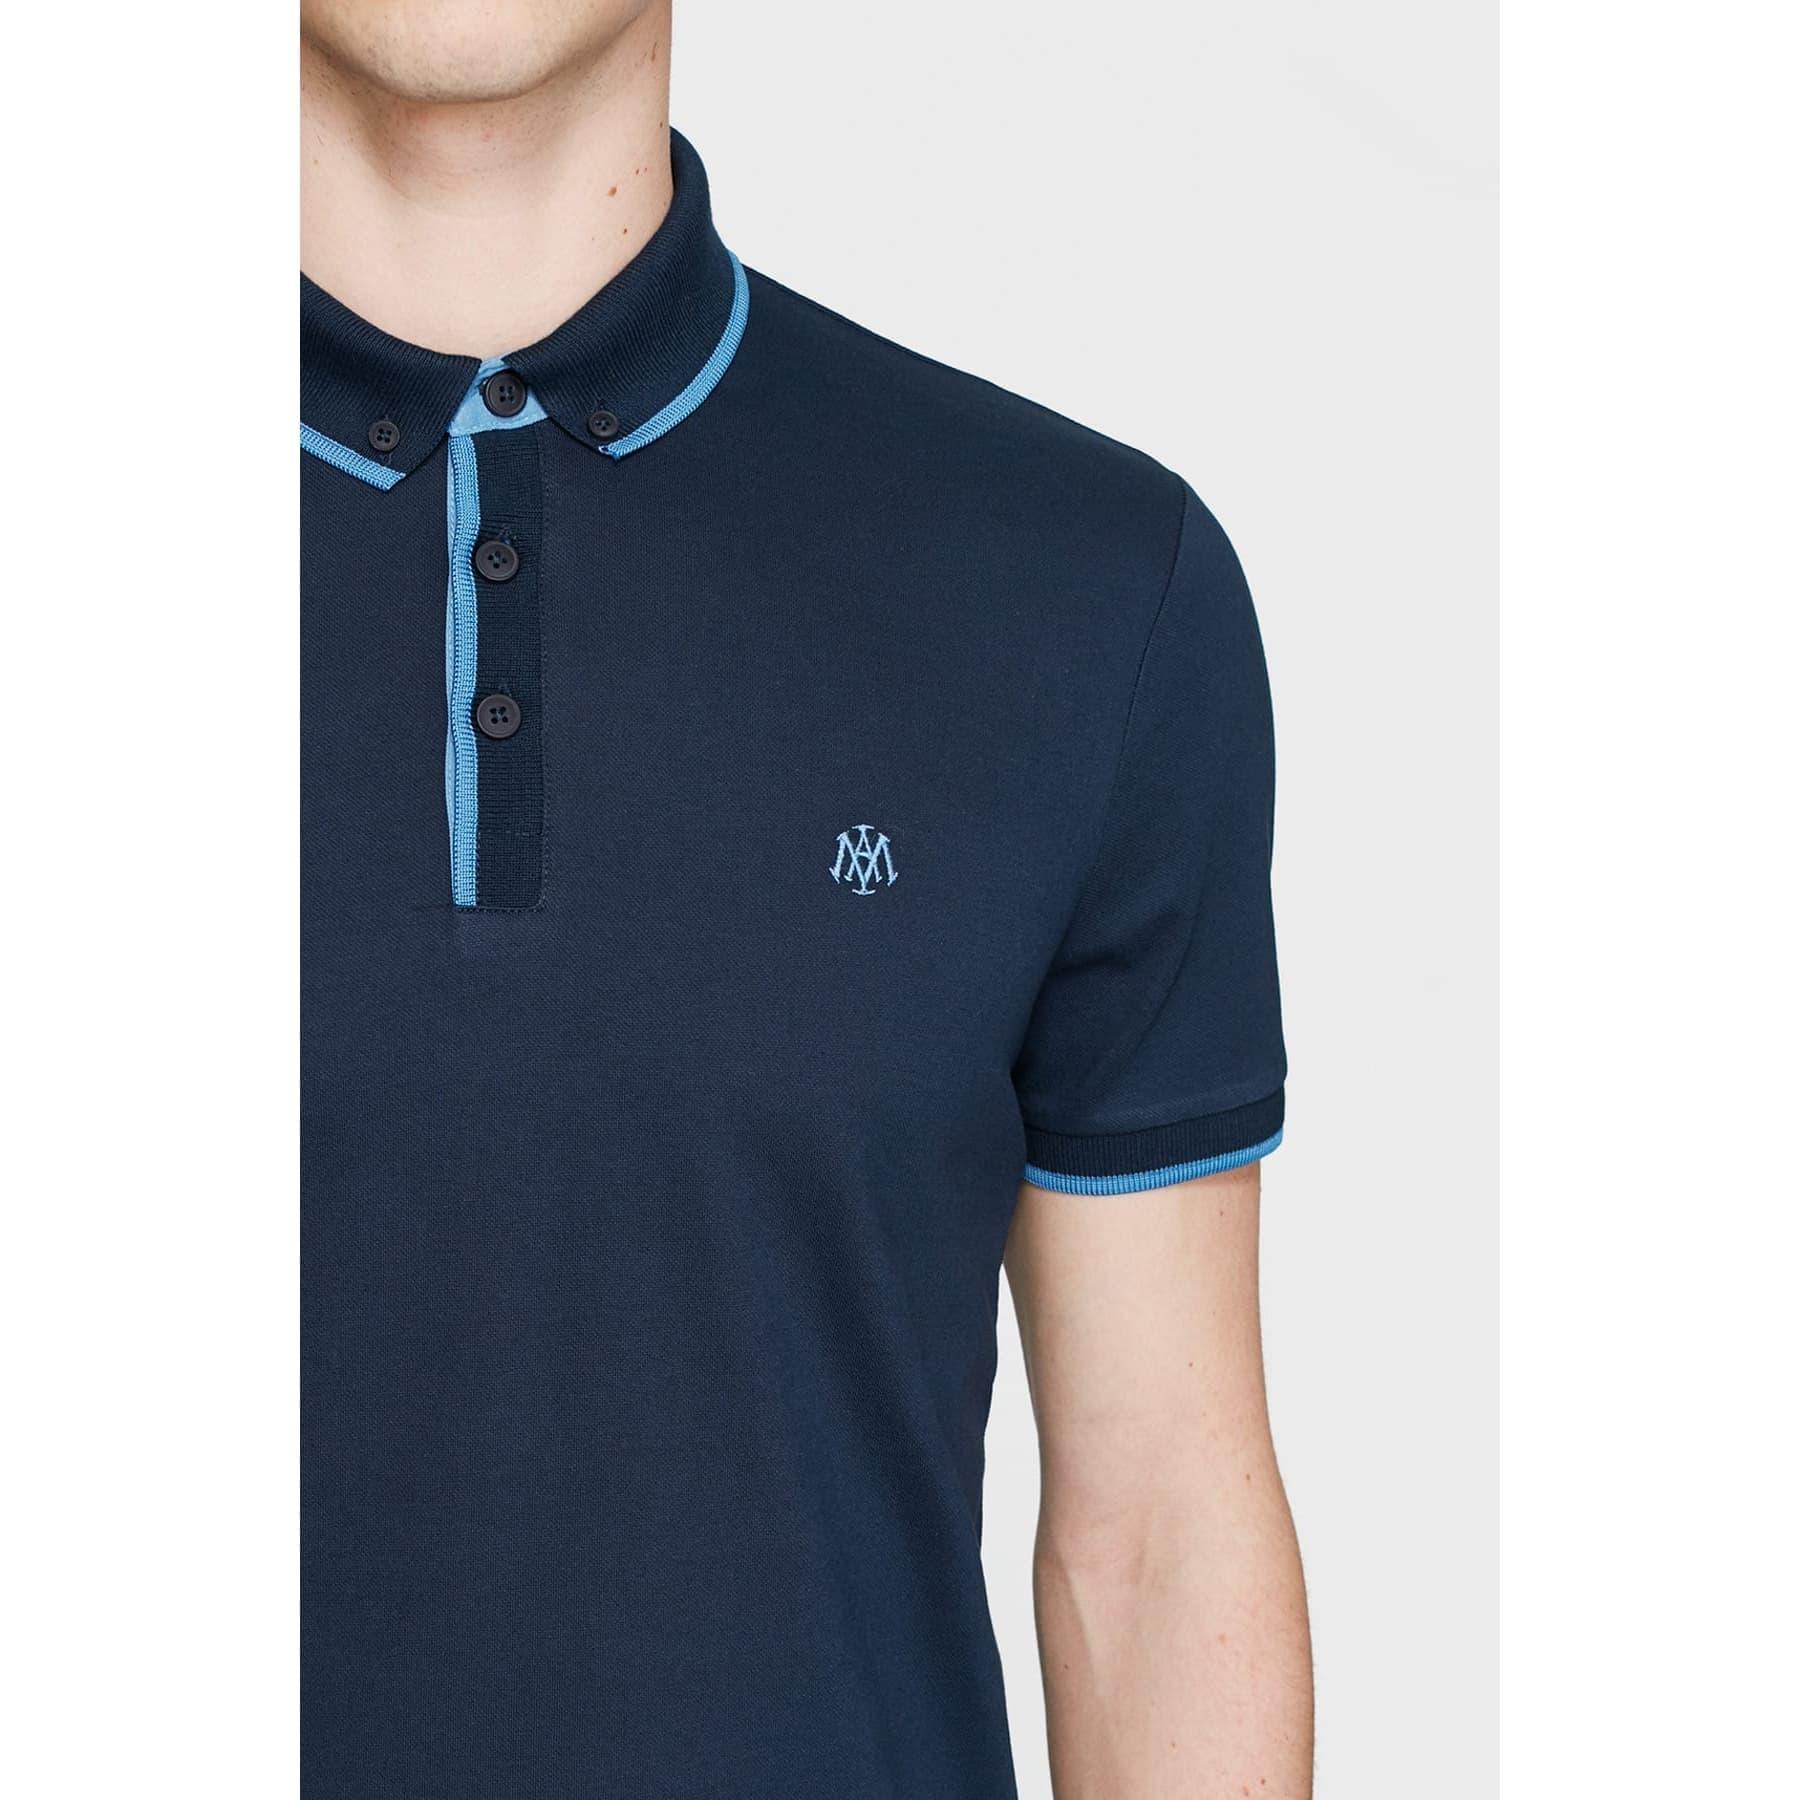 Mavi Jeans Erkek Lacivert Polo Tişört